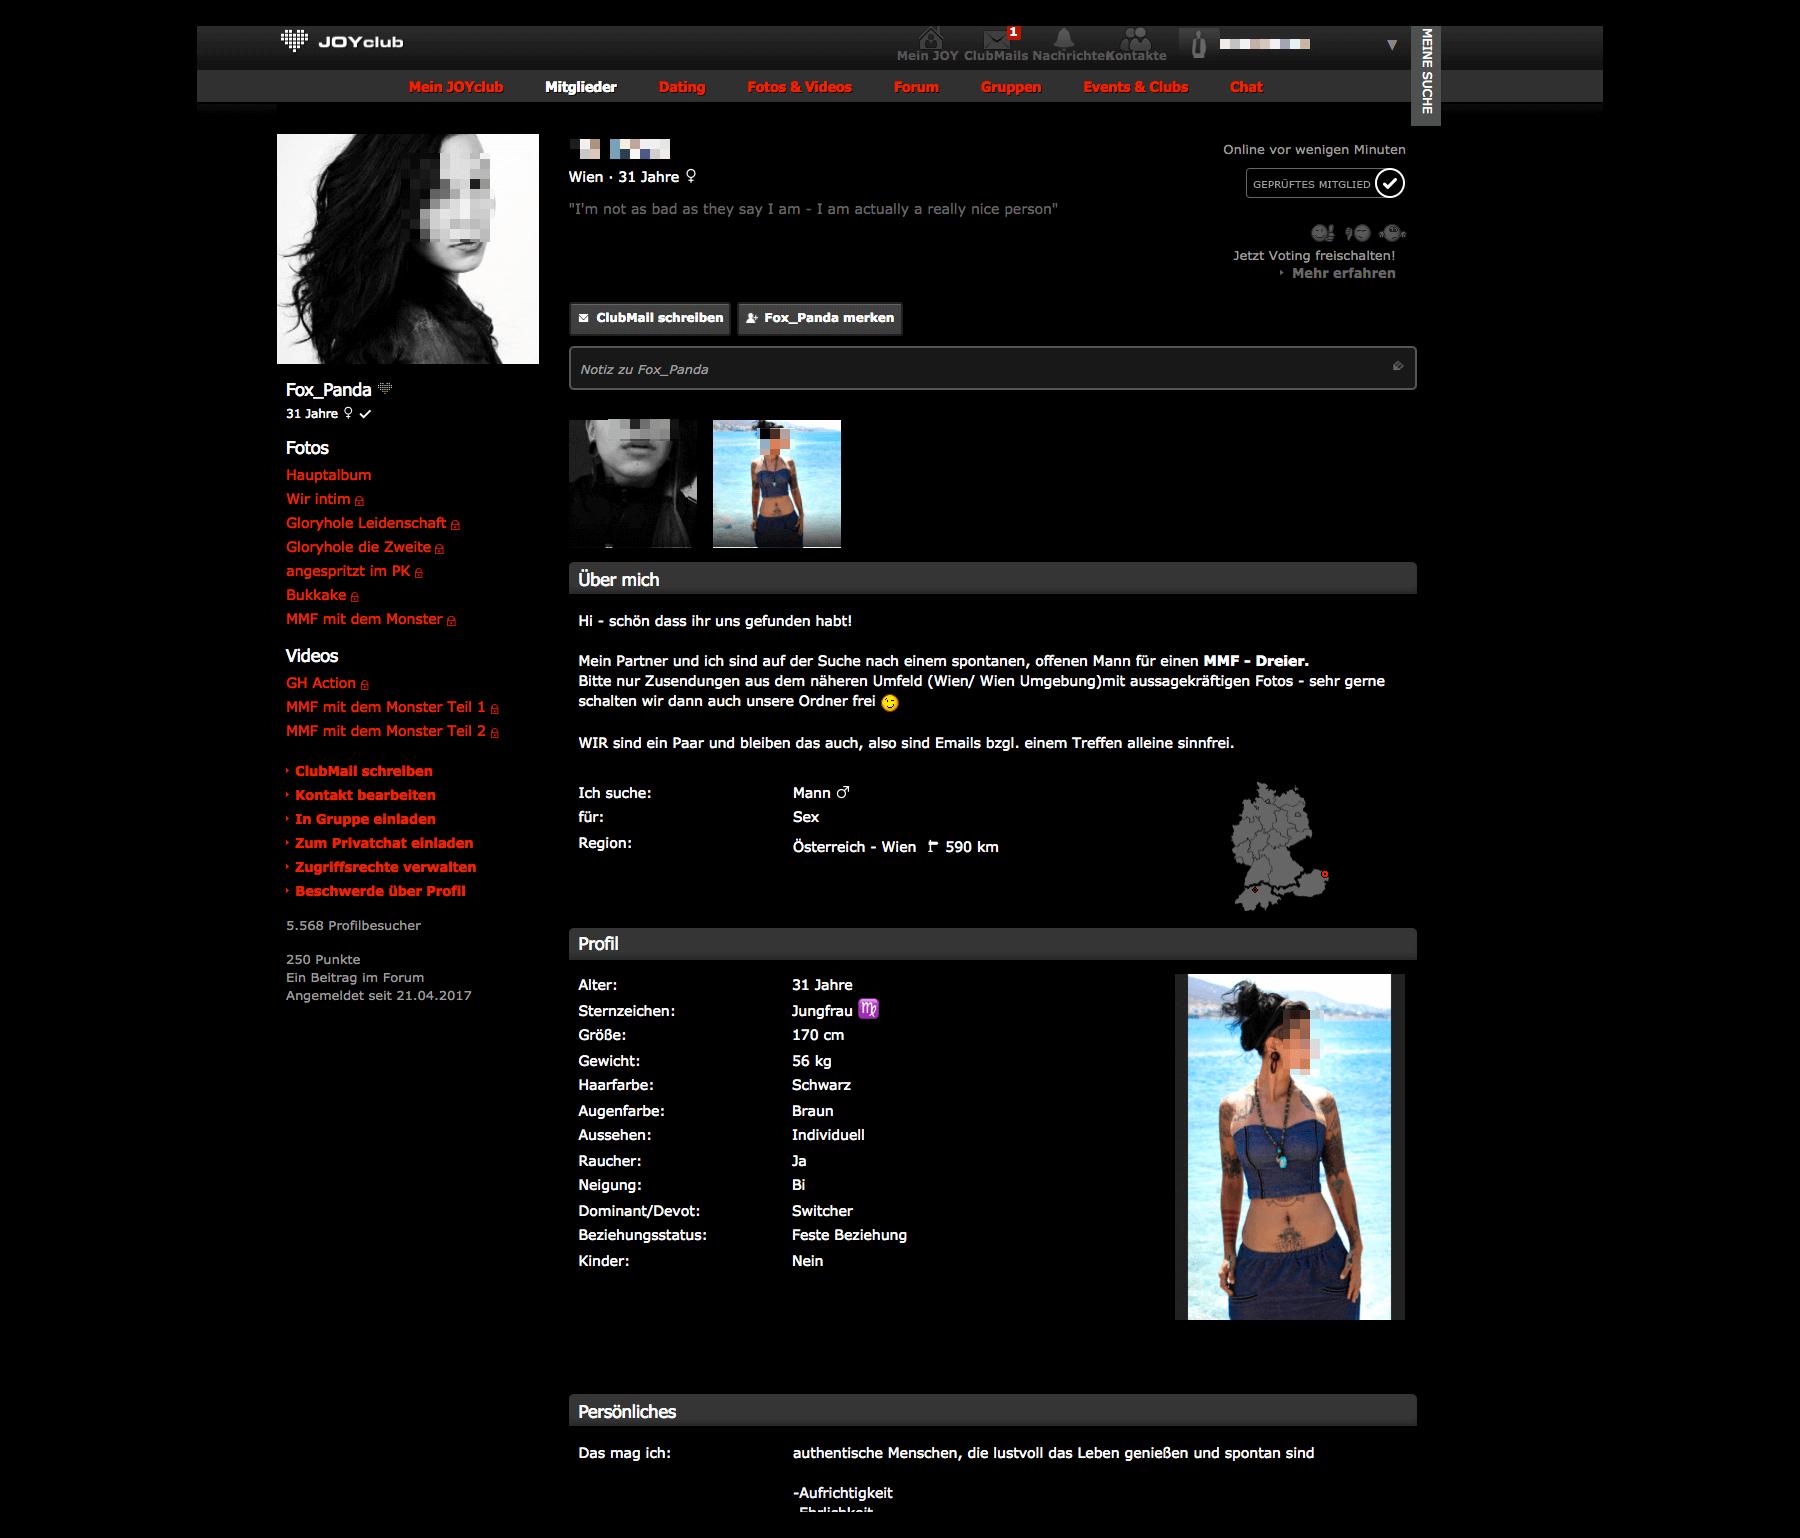 Joyclub Profil